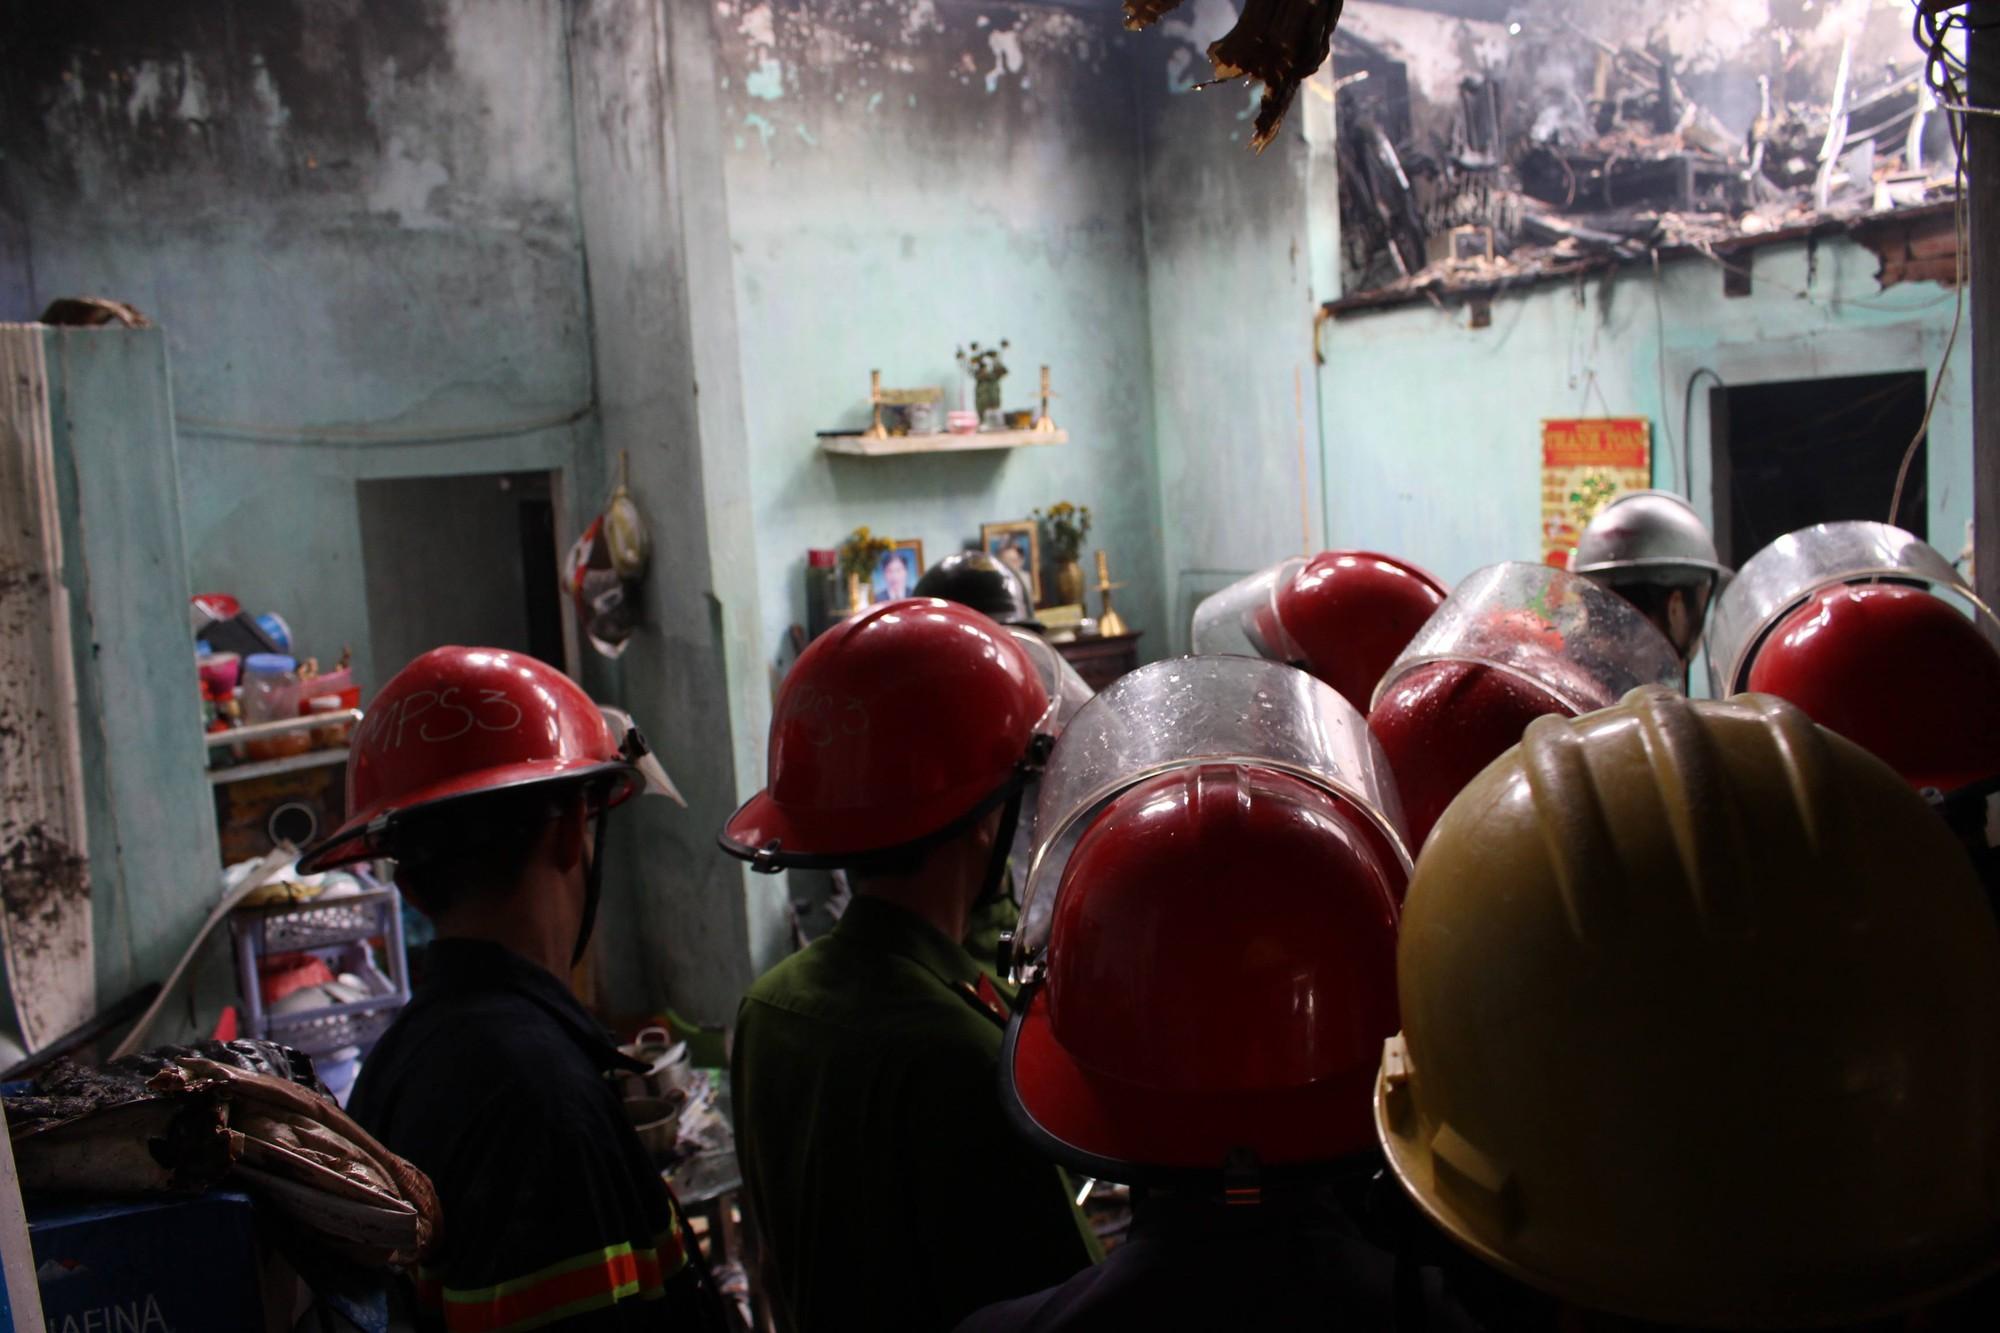 Đà Nẵng: Cháy lan tại nhà trọ giữa trưa, cả xóm náo loạn 3